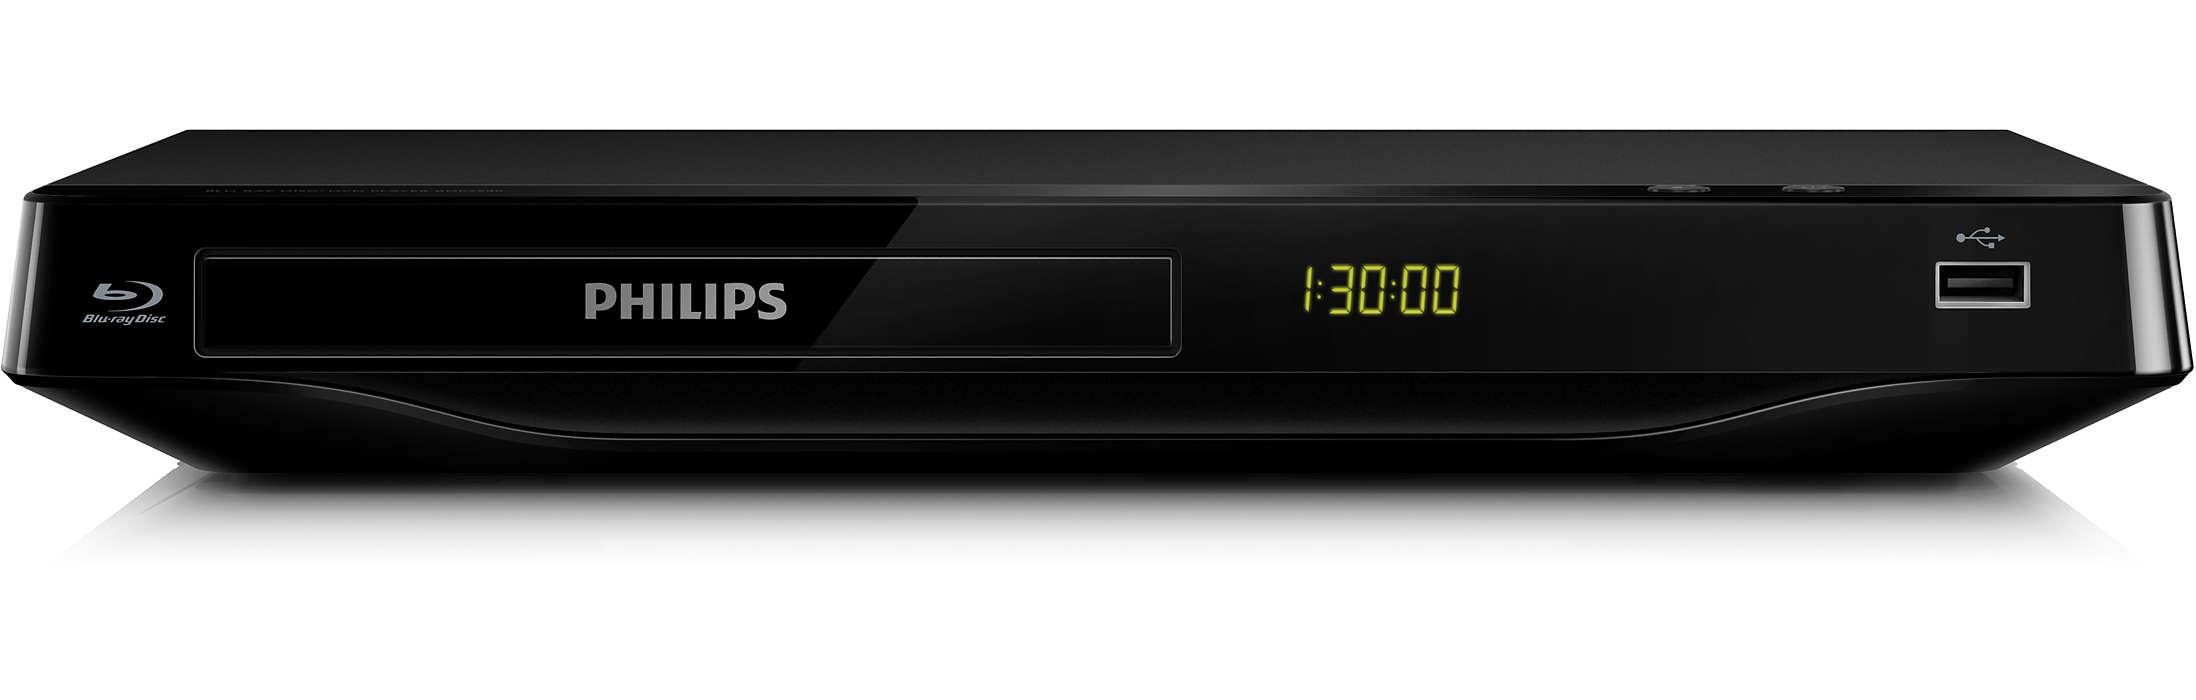 Élvezze a szuperéles HD filmeket